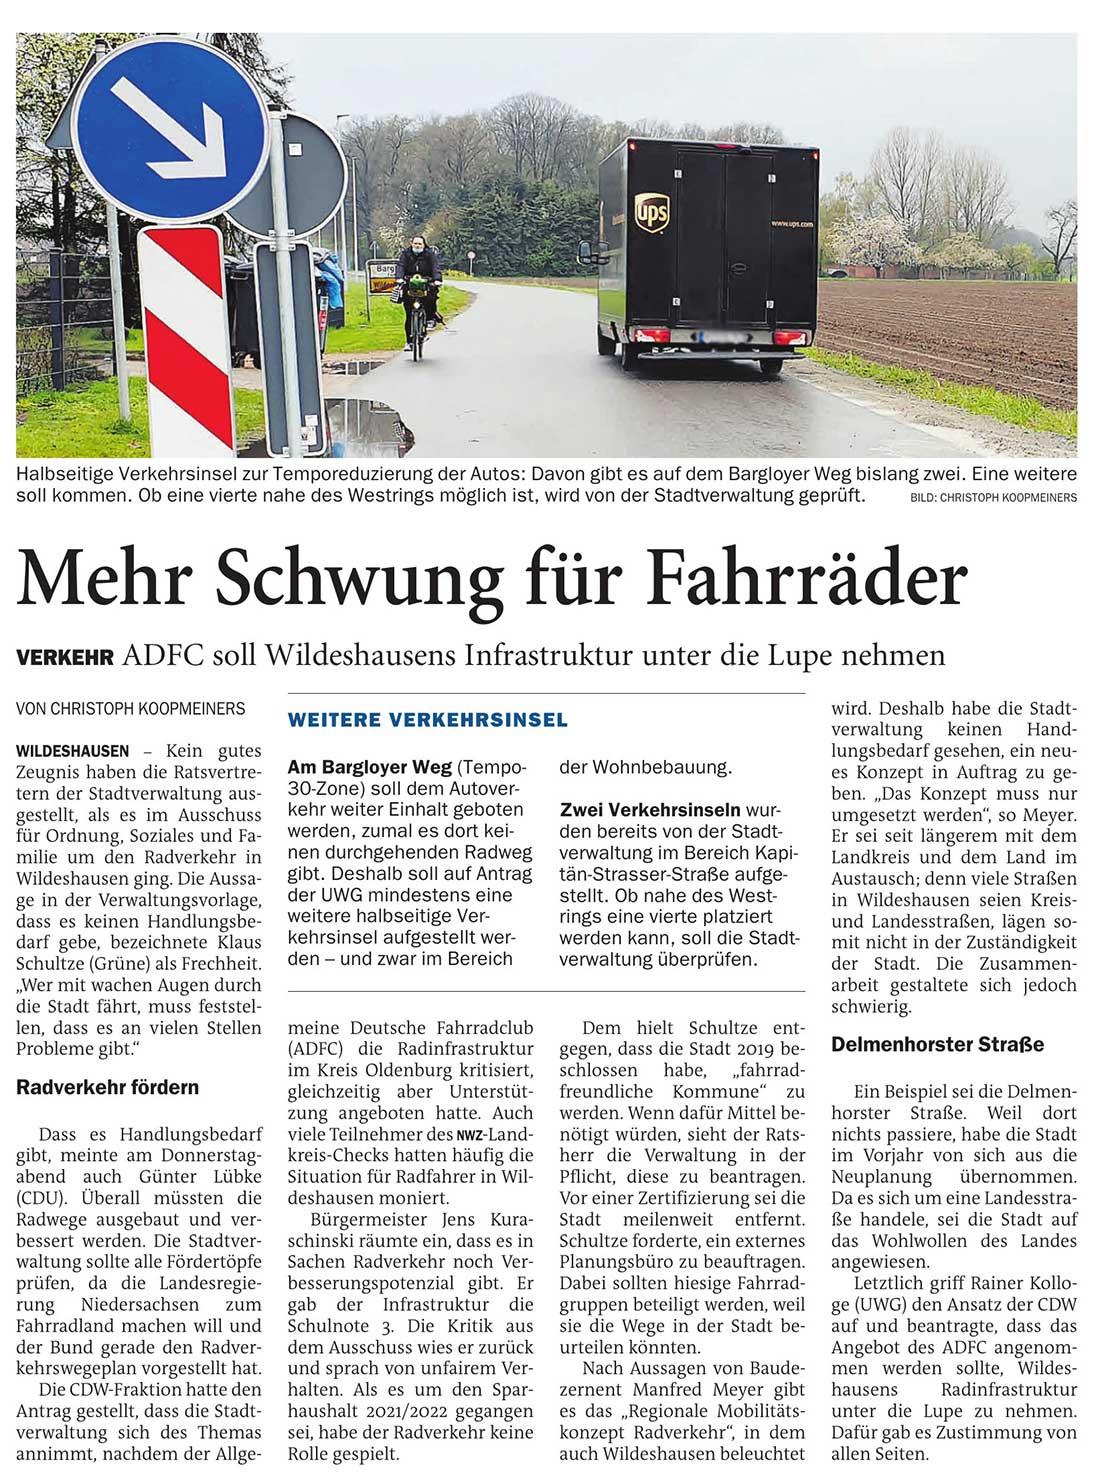 Mehr Schwung für FahrräderVerkehr: ADFC soll Wildeshausens Infrastruktur unter die Lupe nehmenArtikel vom 03.05.2021 (NWZ)